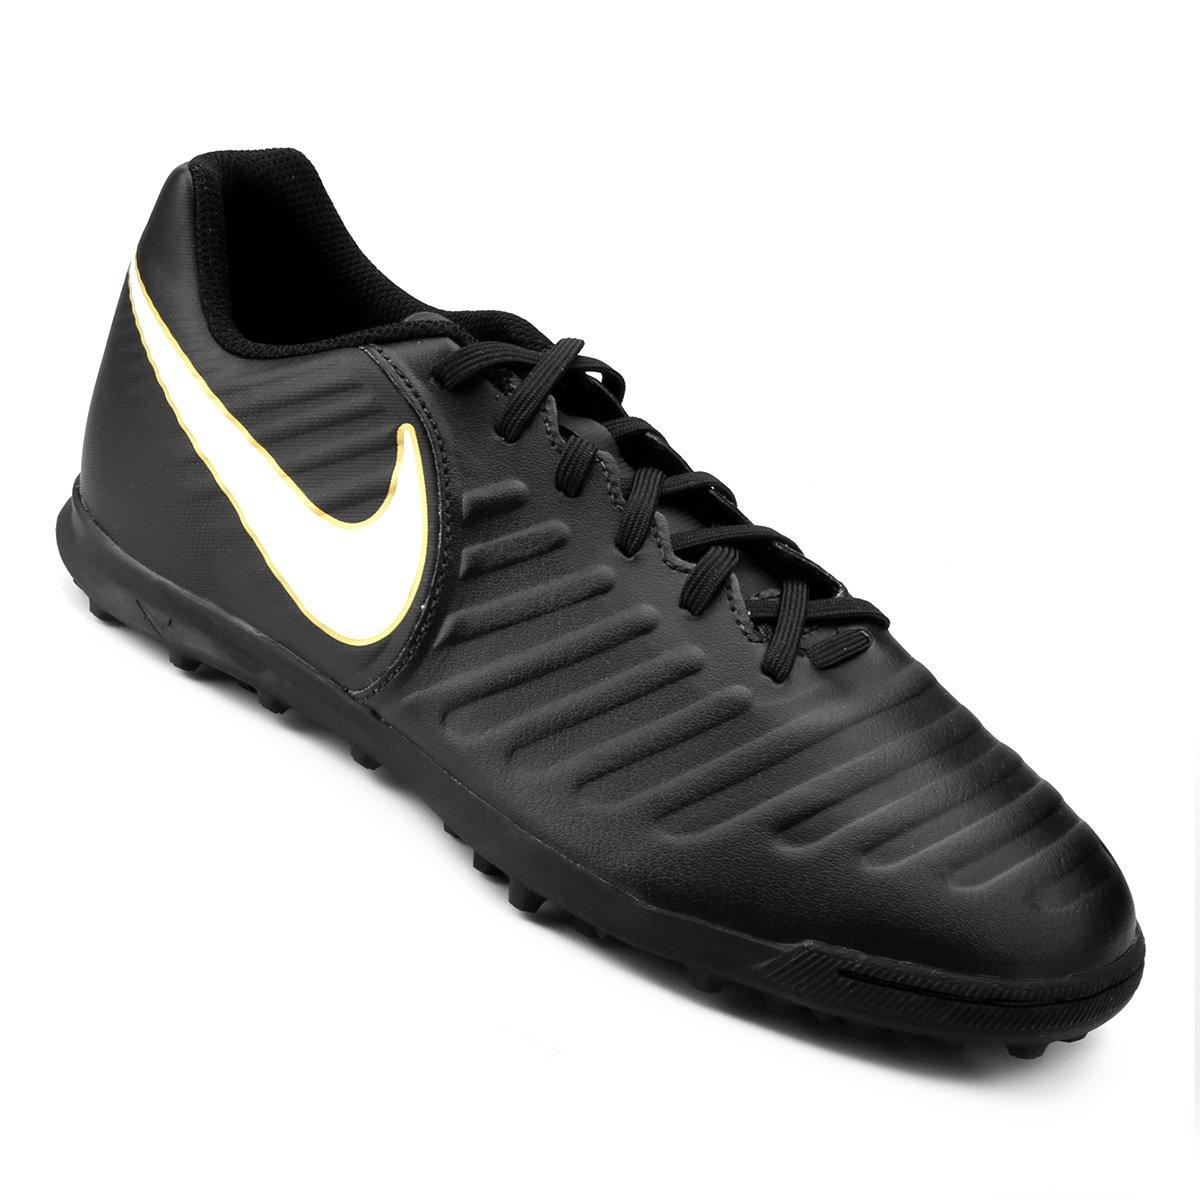 996bd5dbb3 Chuteira Society Nike Tiempo Rio 4 TF